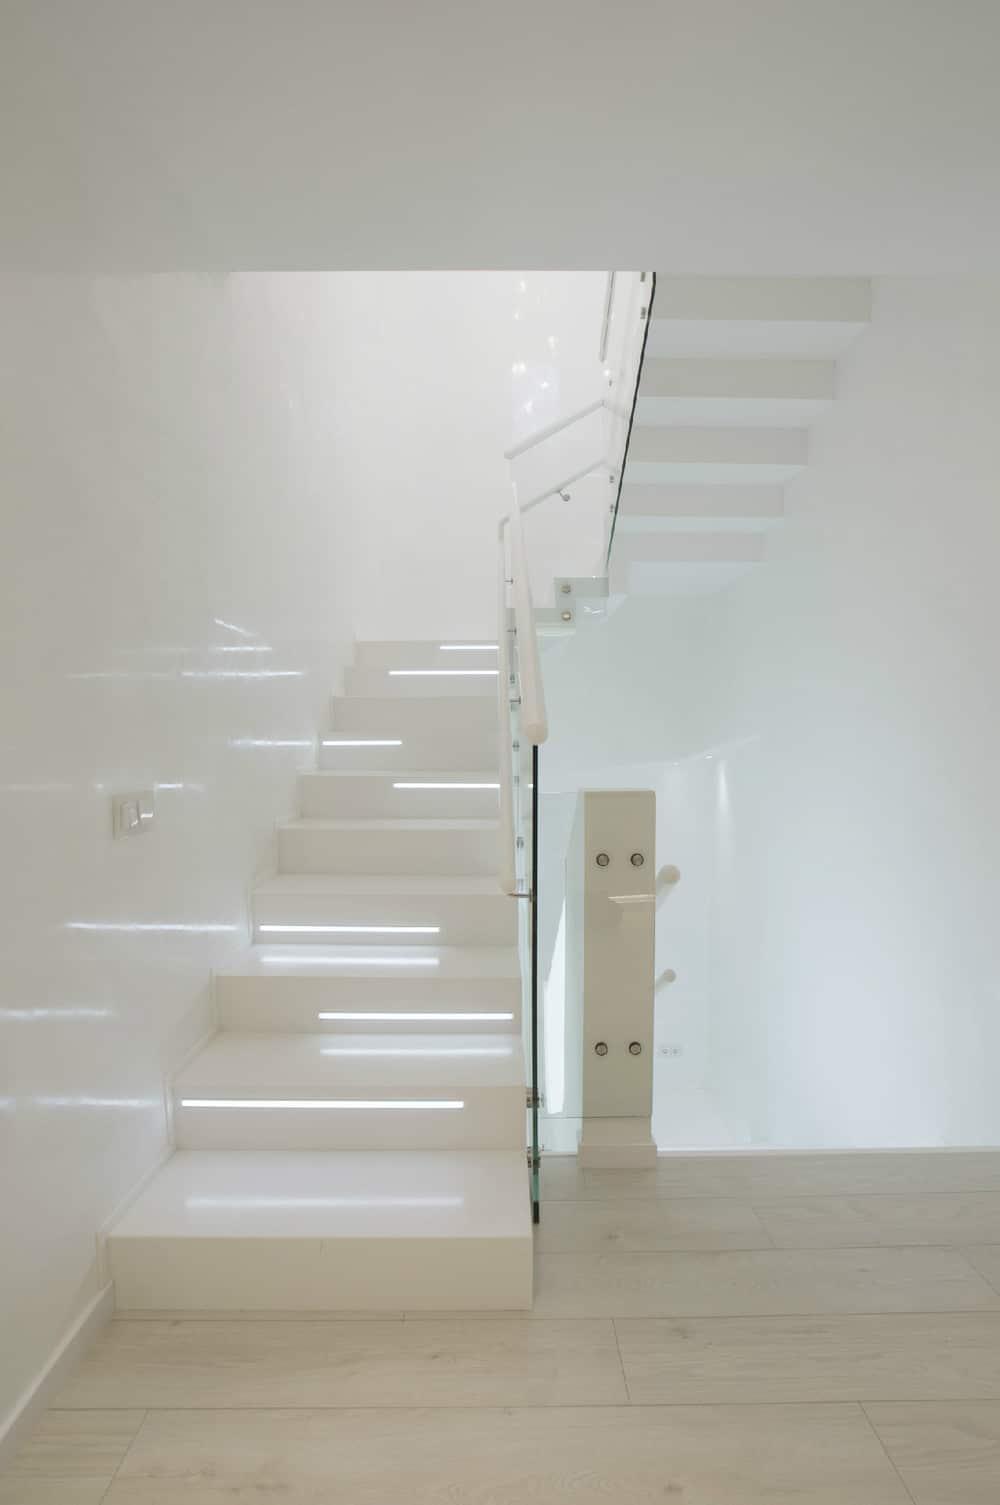 Baño Bajo Escalera Diseno:Futuristic Light Stairs